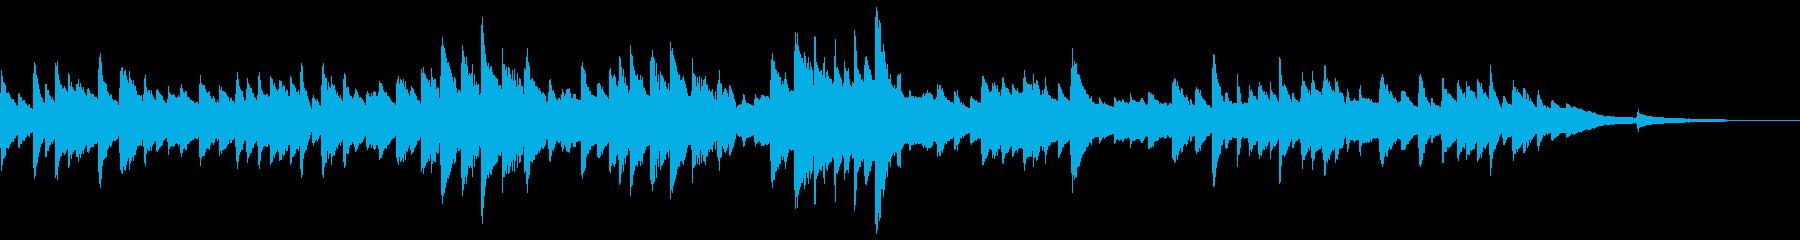 シューマンピアノ有名曲 おねだりする子供の再生済みの波形